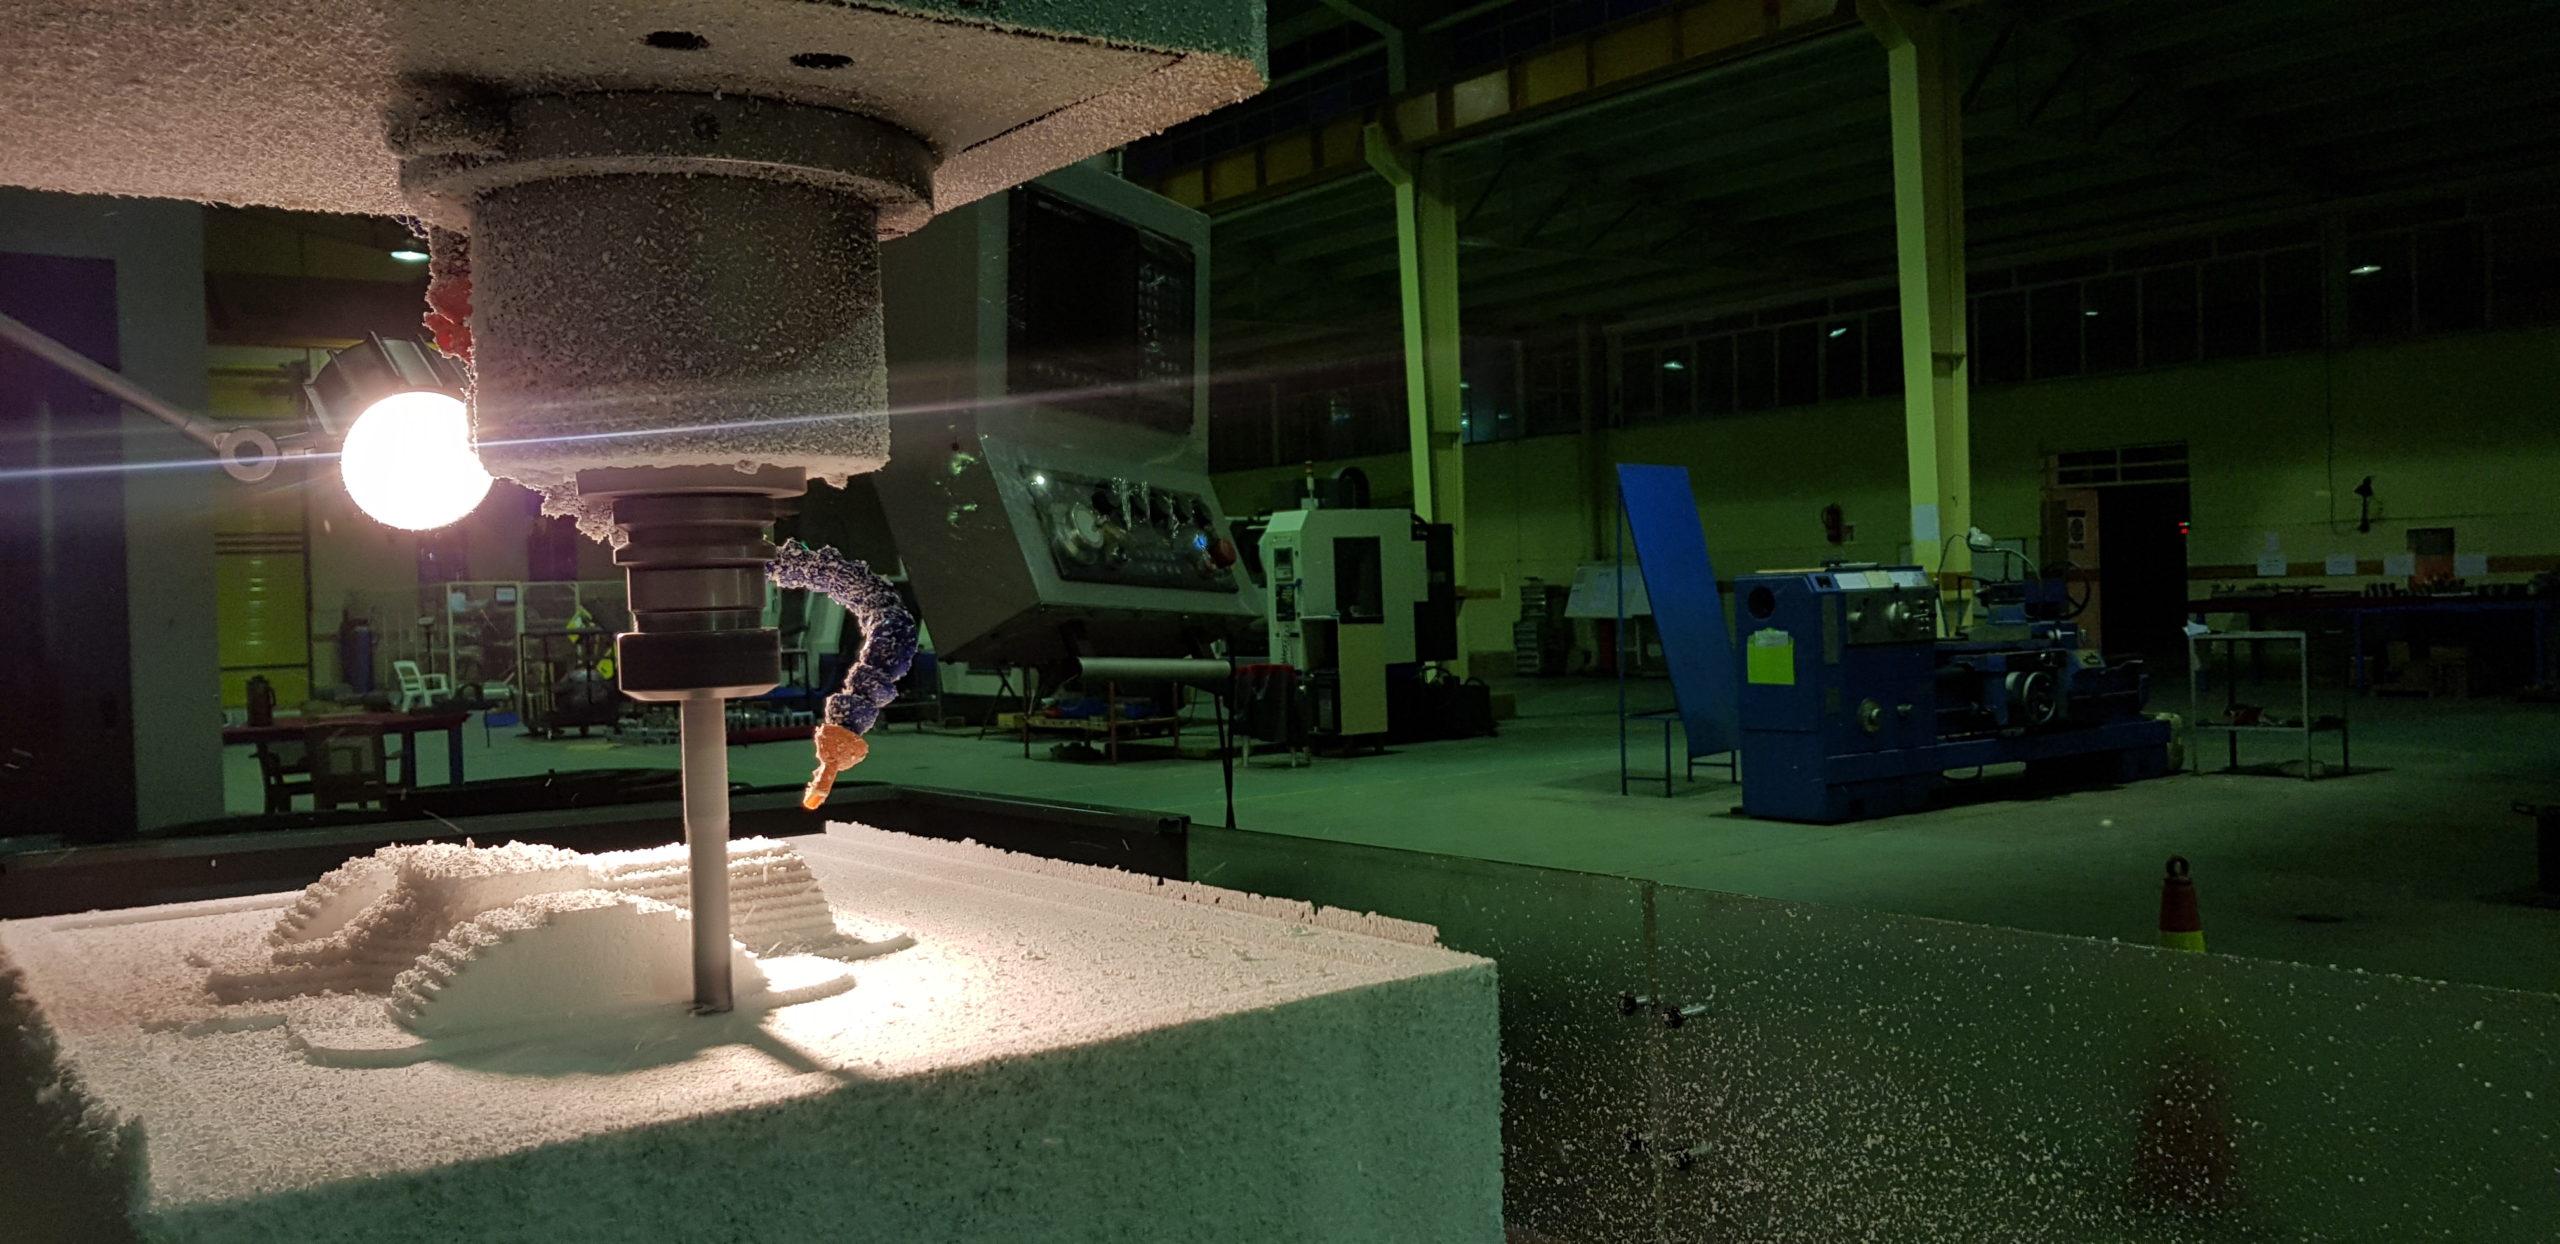 طراحی-و-ساخت-تخصصی-مدل-دقیق-ریخته-گری-انواع-شیرآلات-صنعتی-به-وسیله-جدید-ترین-تجهیزات-پیشرفتهبا-دقت-۲۰-میکرون-scaled